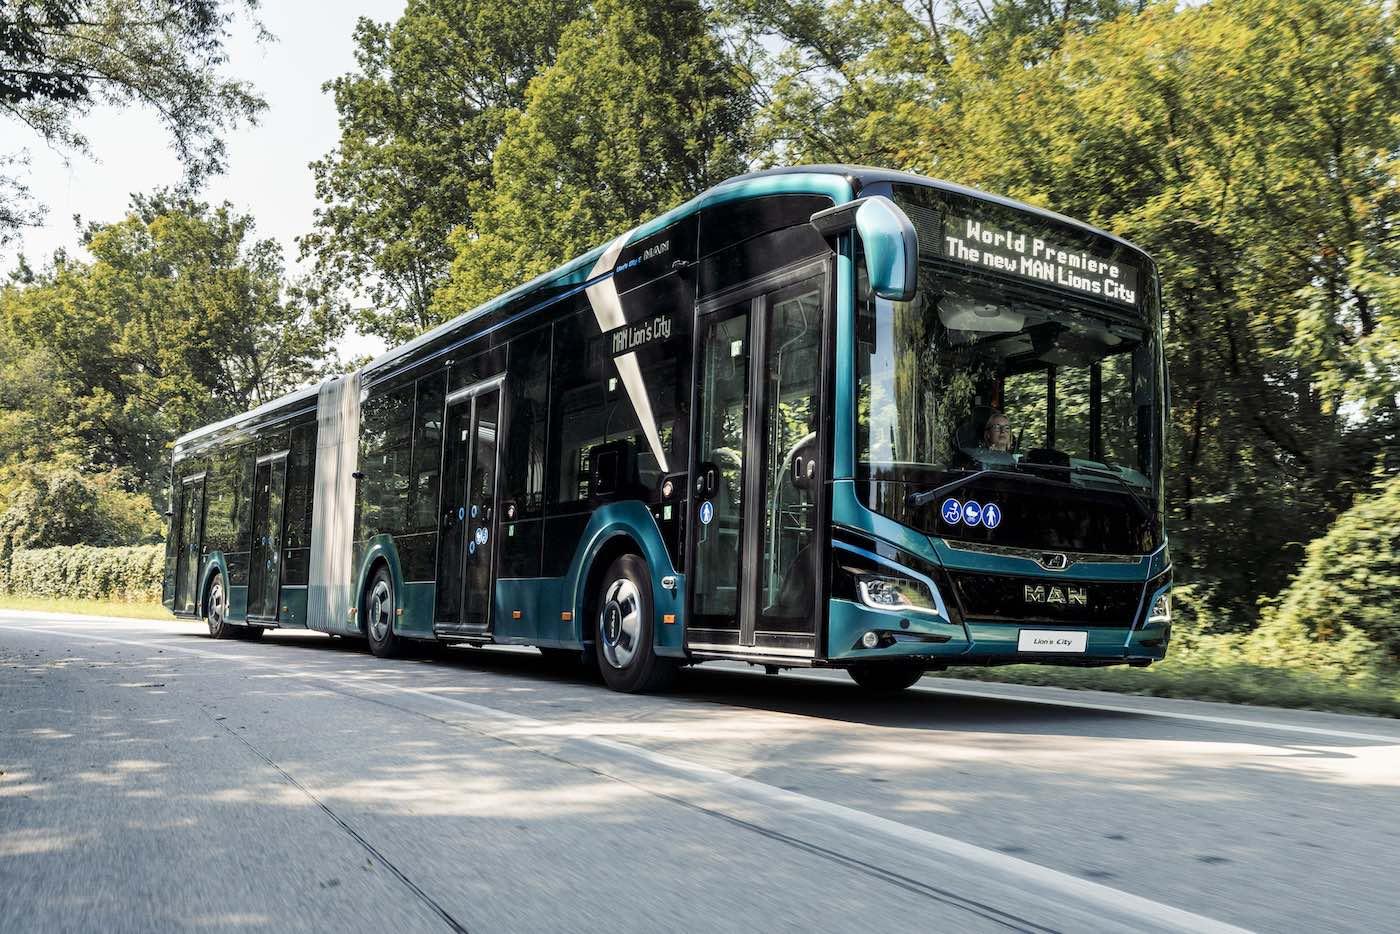 man lion's city 18 e bus elettrico articolato